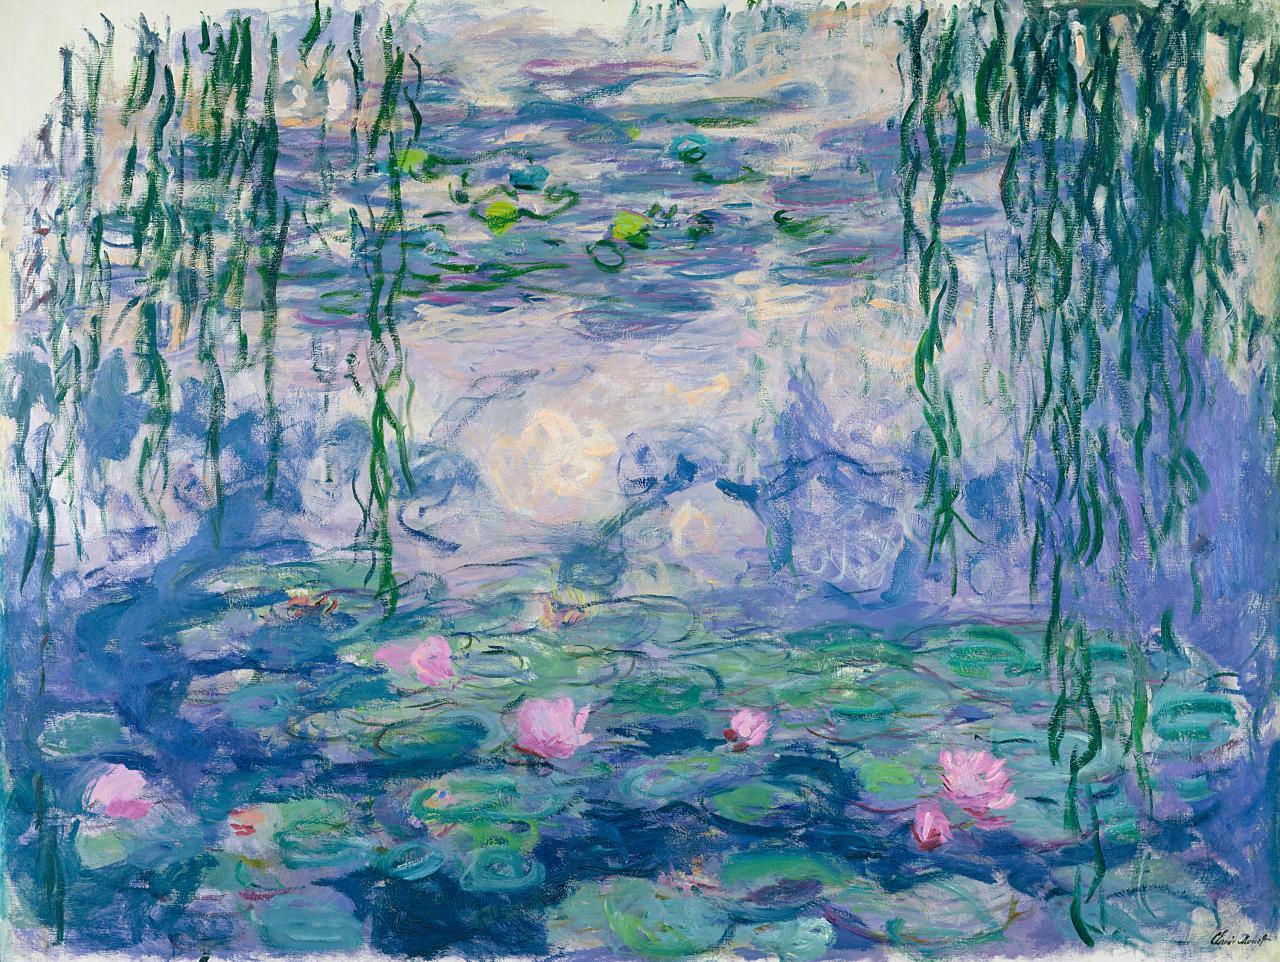 Charmant Monetu0027s Garden: The Musée Marmottan Monet, Paris | NGV